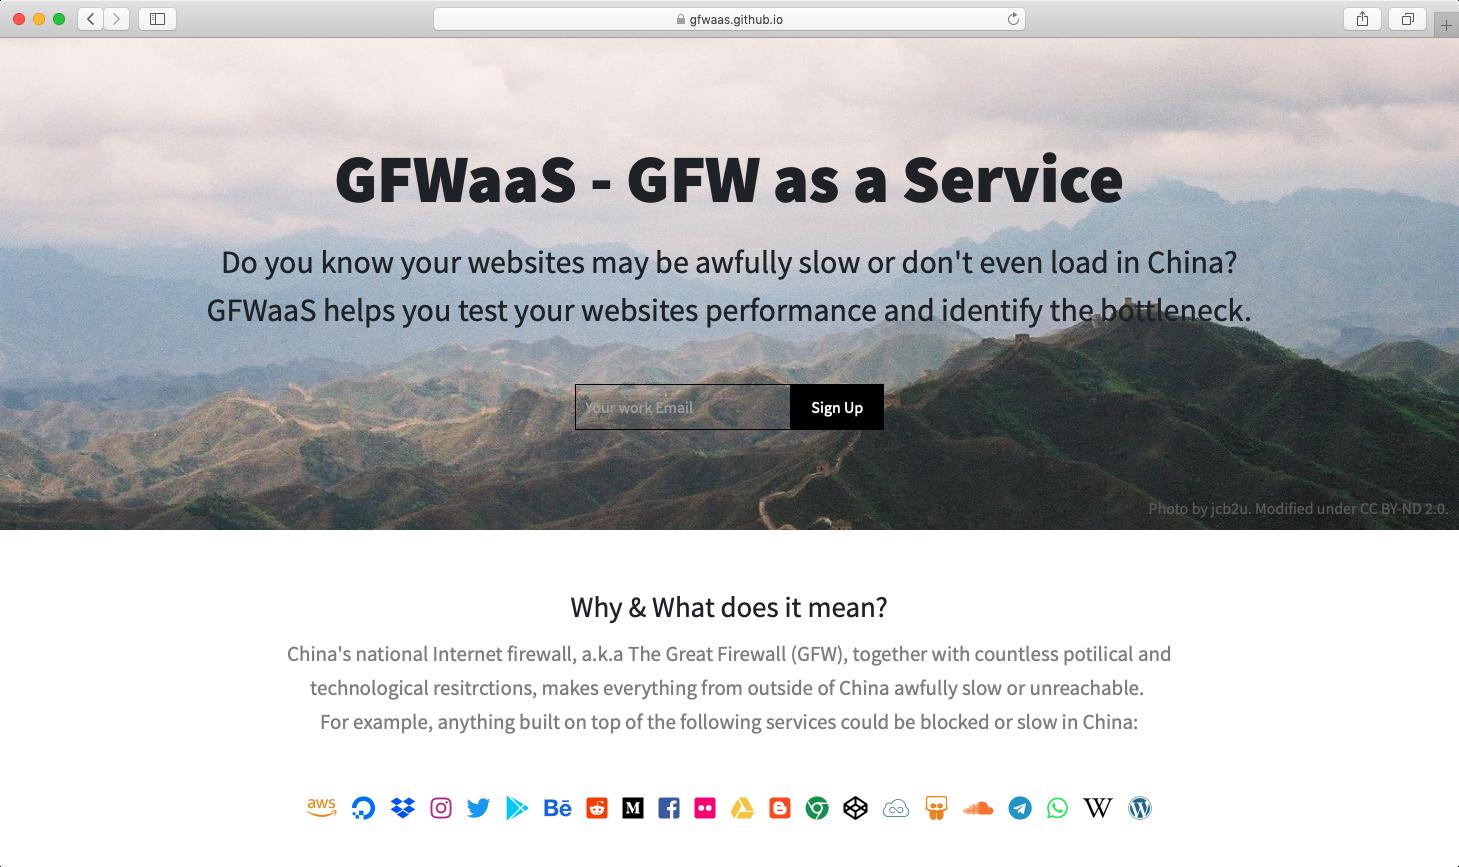 GFWaaS - GFW as a Service